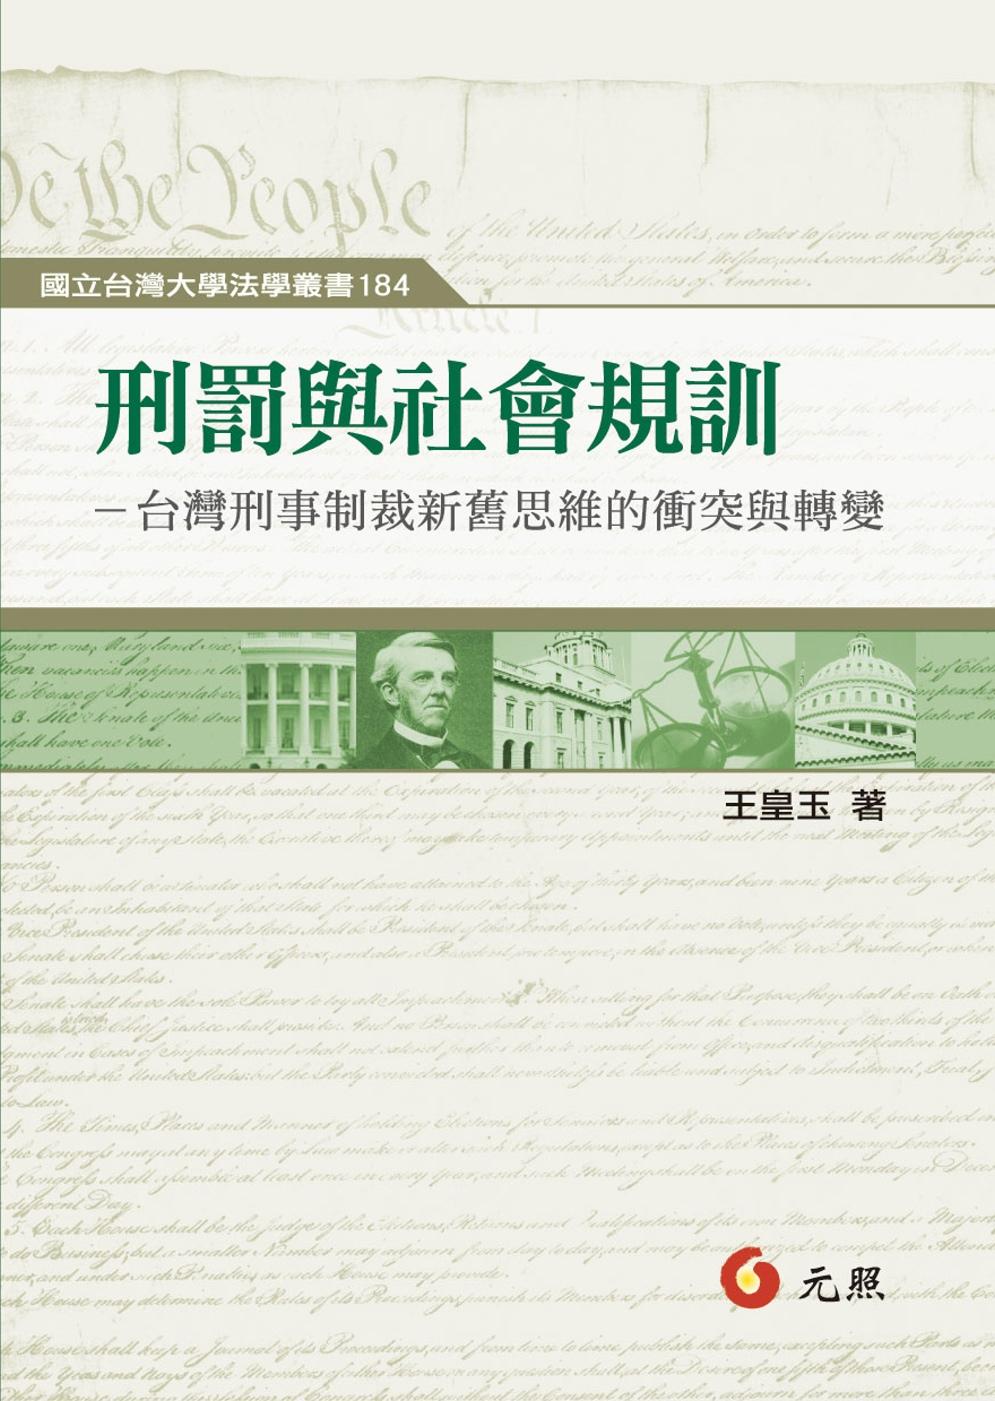 刑罰與社會規訓:台灣刑事制裁新舊思維的衝突與轉變